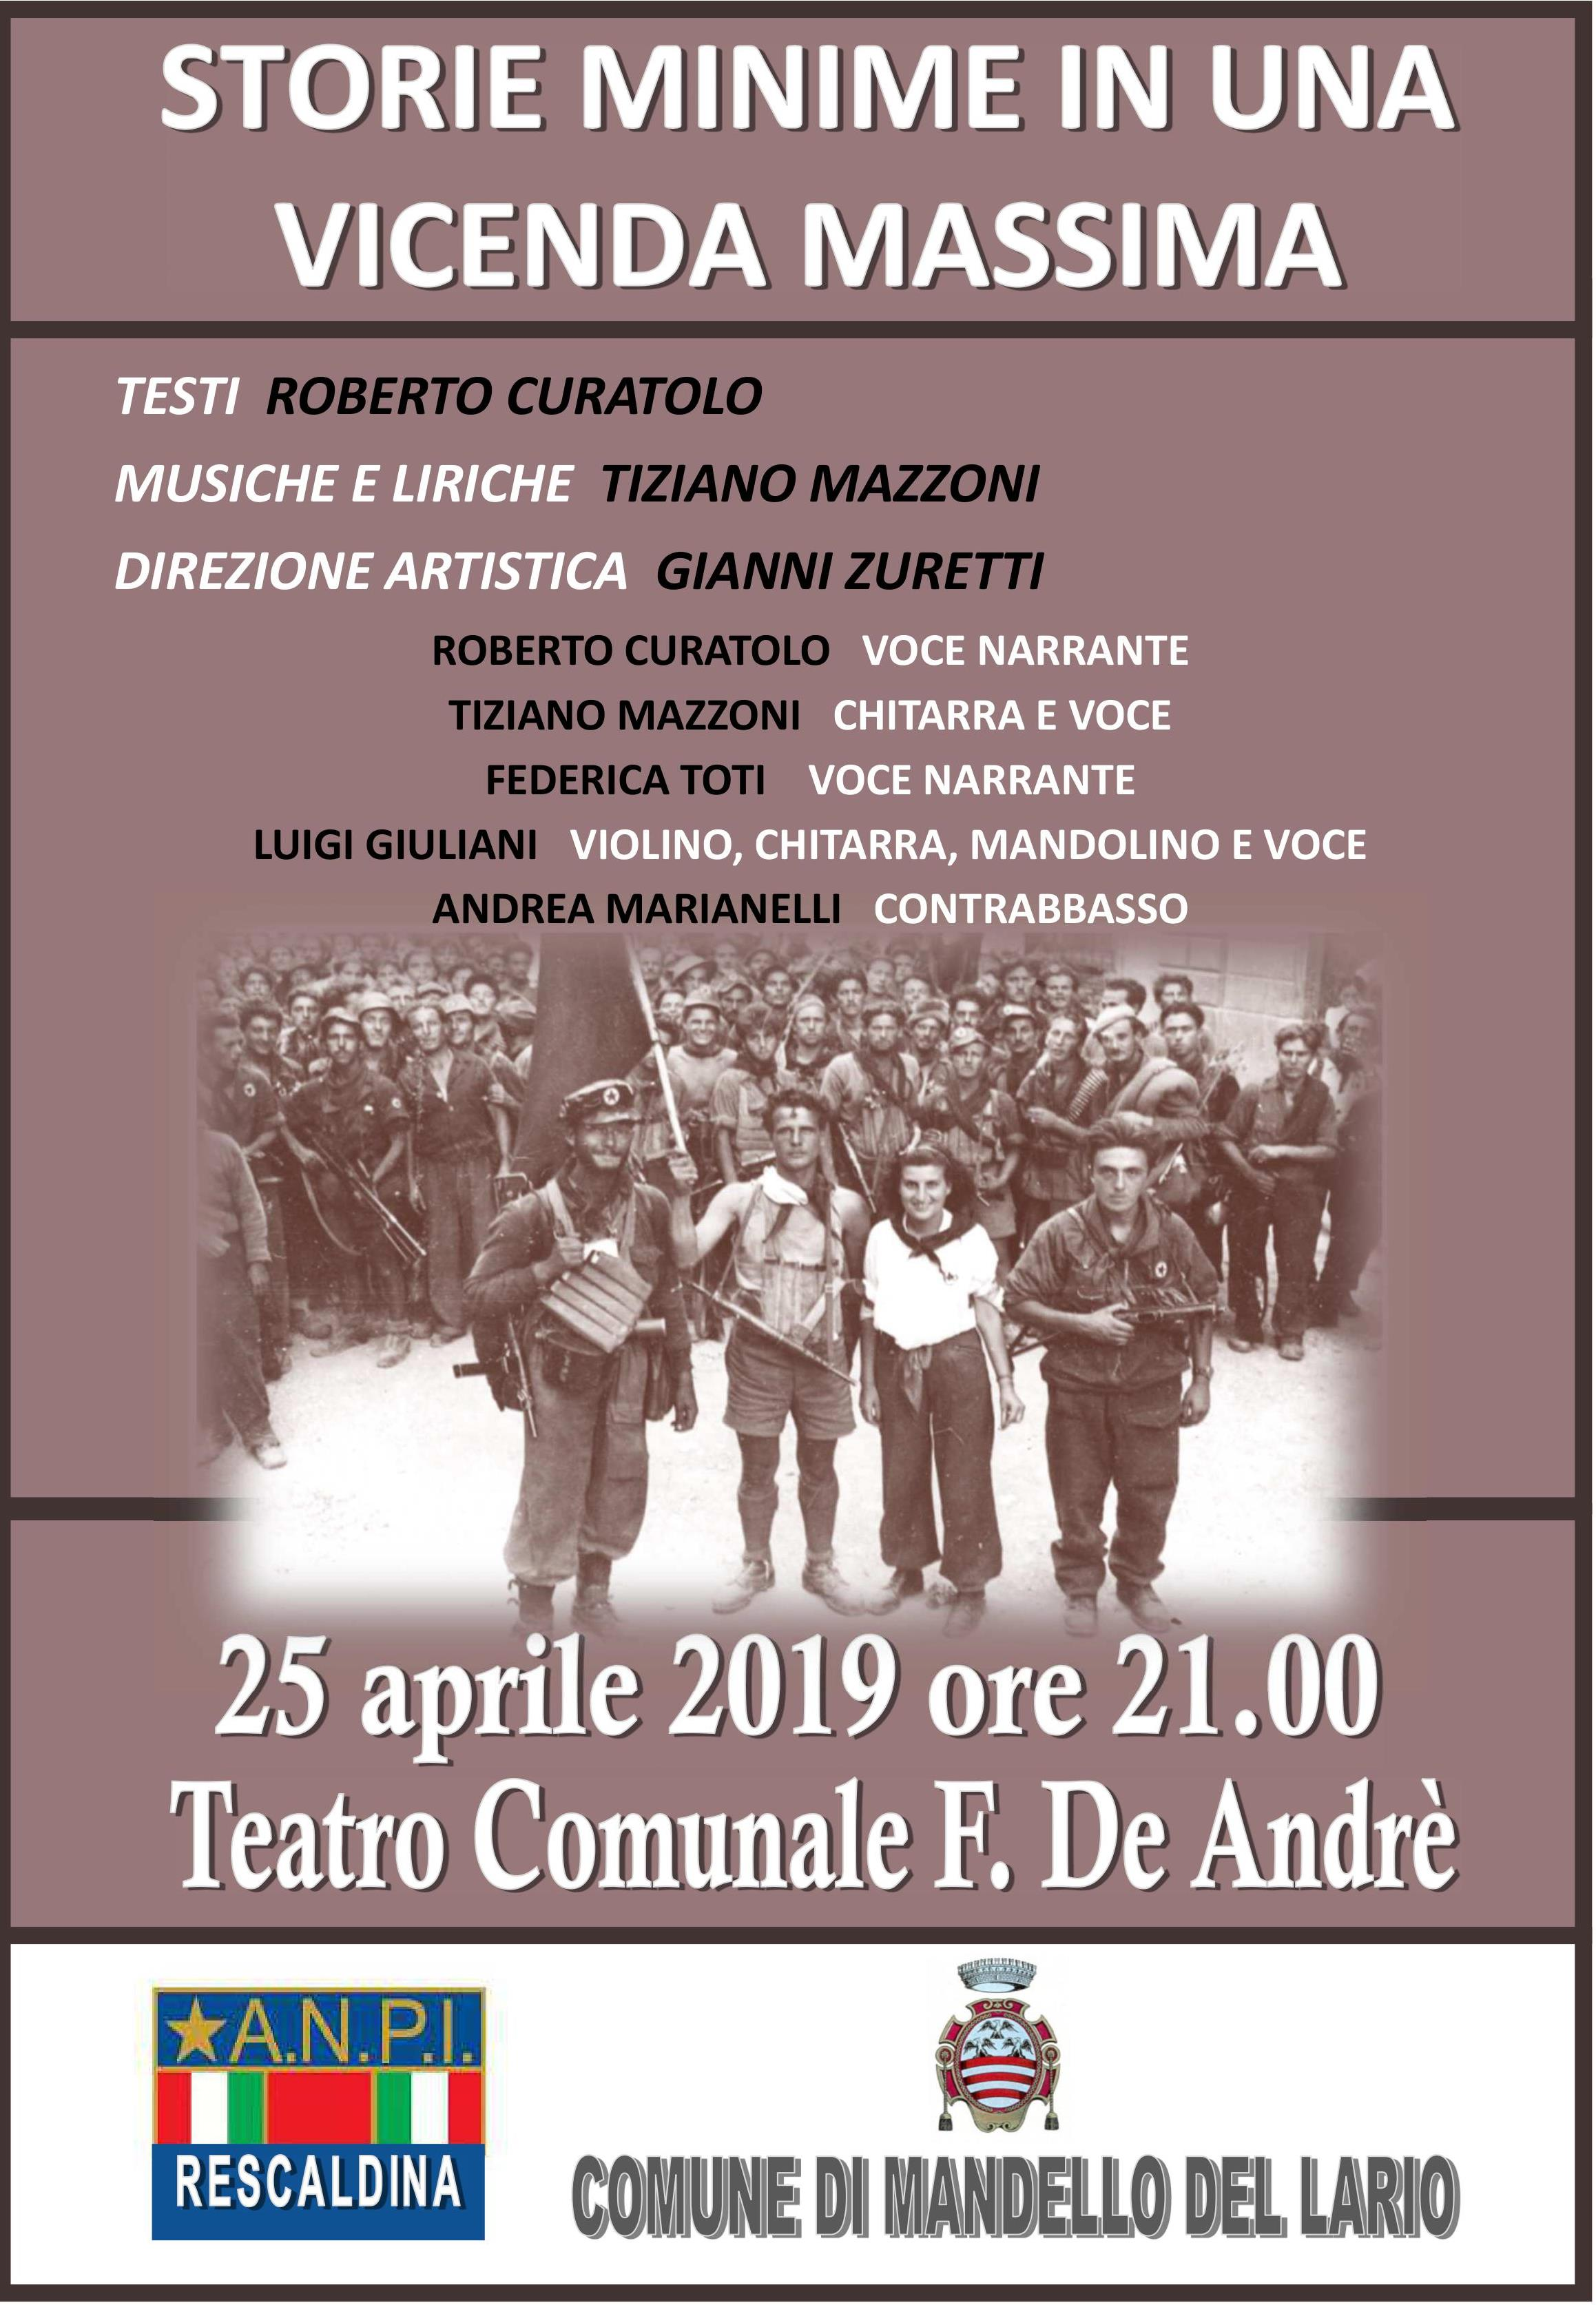 Teatro per l'Anniversario della Liberazione a Mandello del Lario